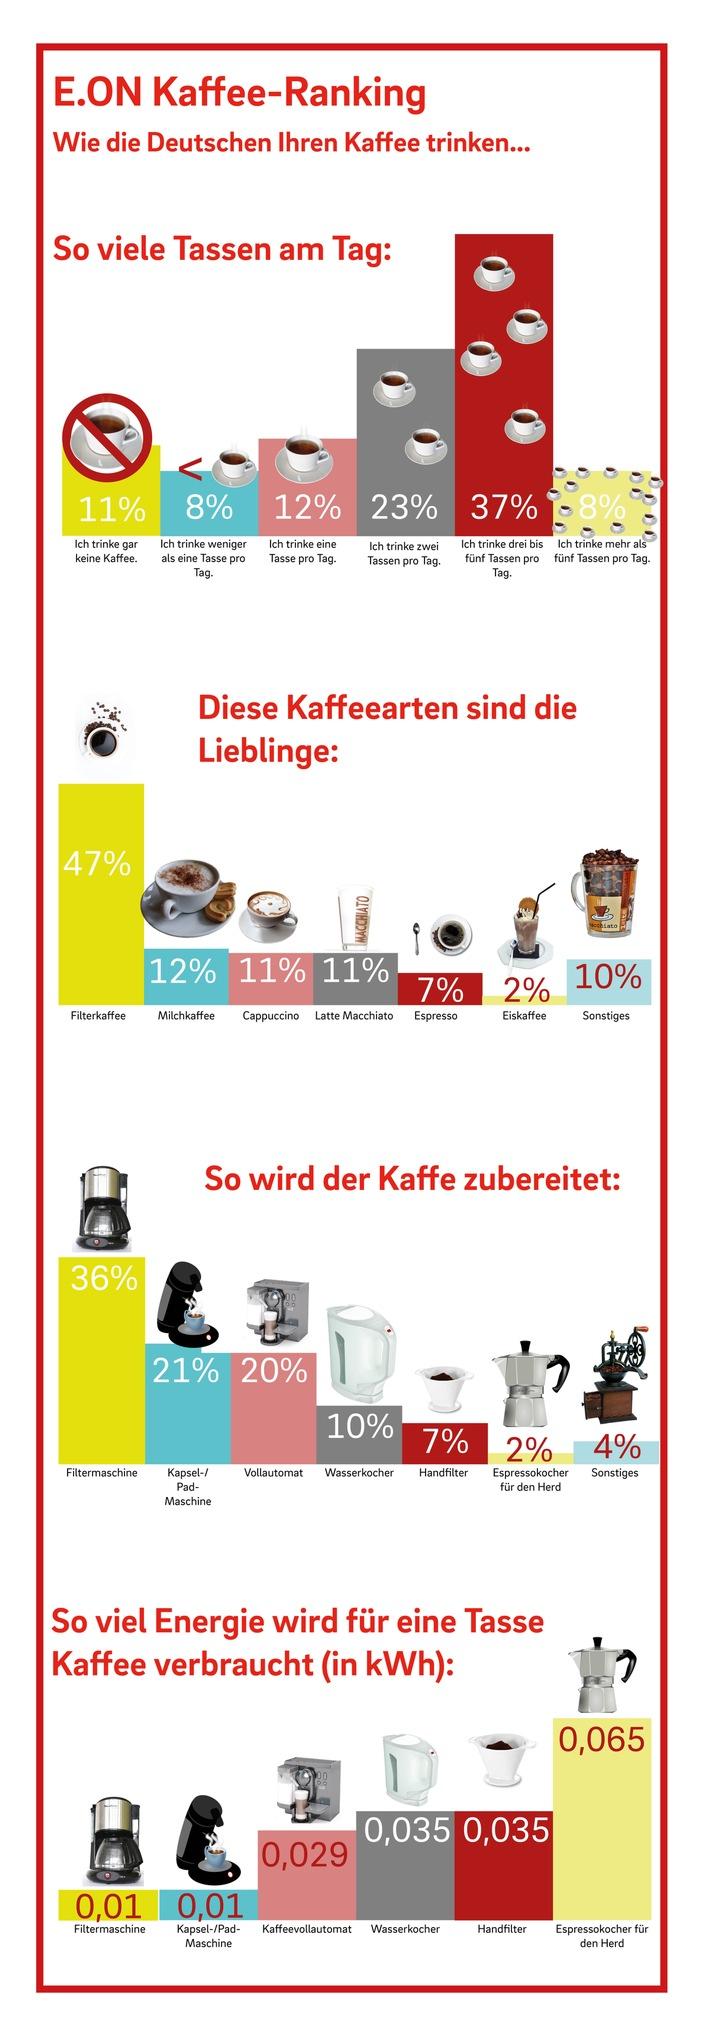 Kaffeegenuss in Deutschland: Der Osten steht auf Filterkaffee / Copyright: E.ON / Weiterer Text über ots und www.presseportal.de/nr/109984 / Die Verwendung dieses Bildes ist für redaktionelle Zwecke honorarfrei. Veröffentlichung bitte unter Quellenangabe: 'obs/E.ON Energie Deutschland GmbH'